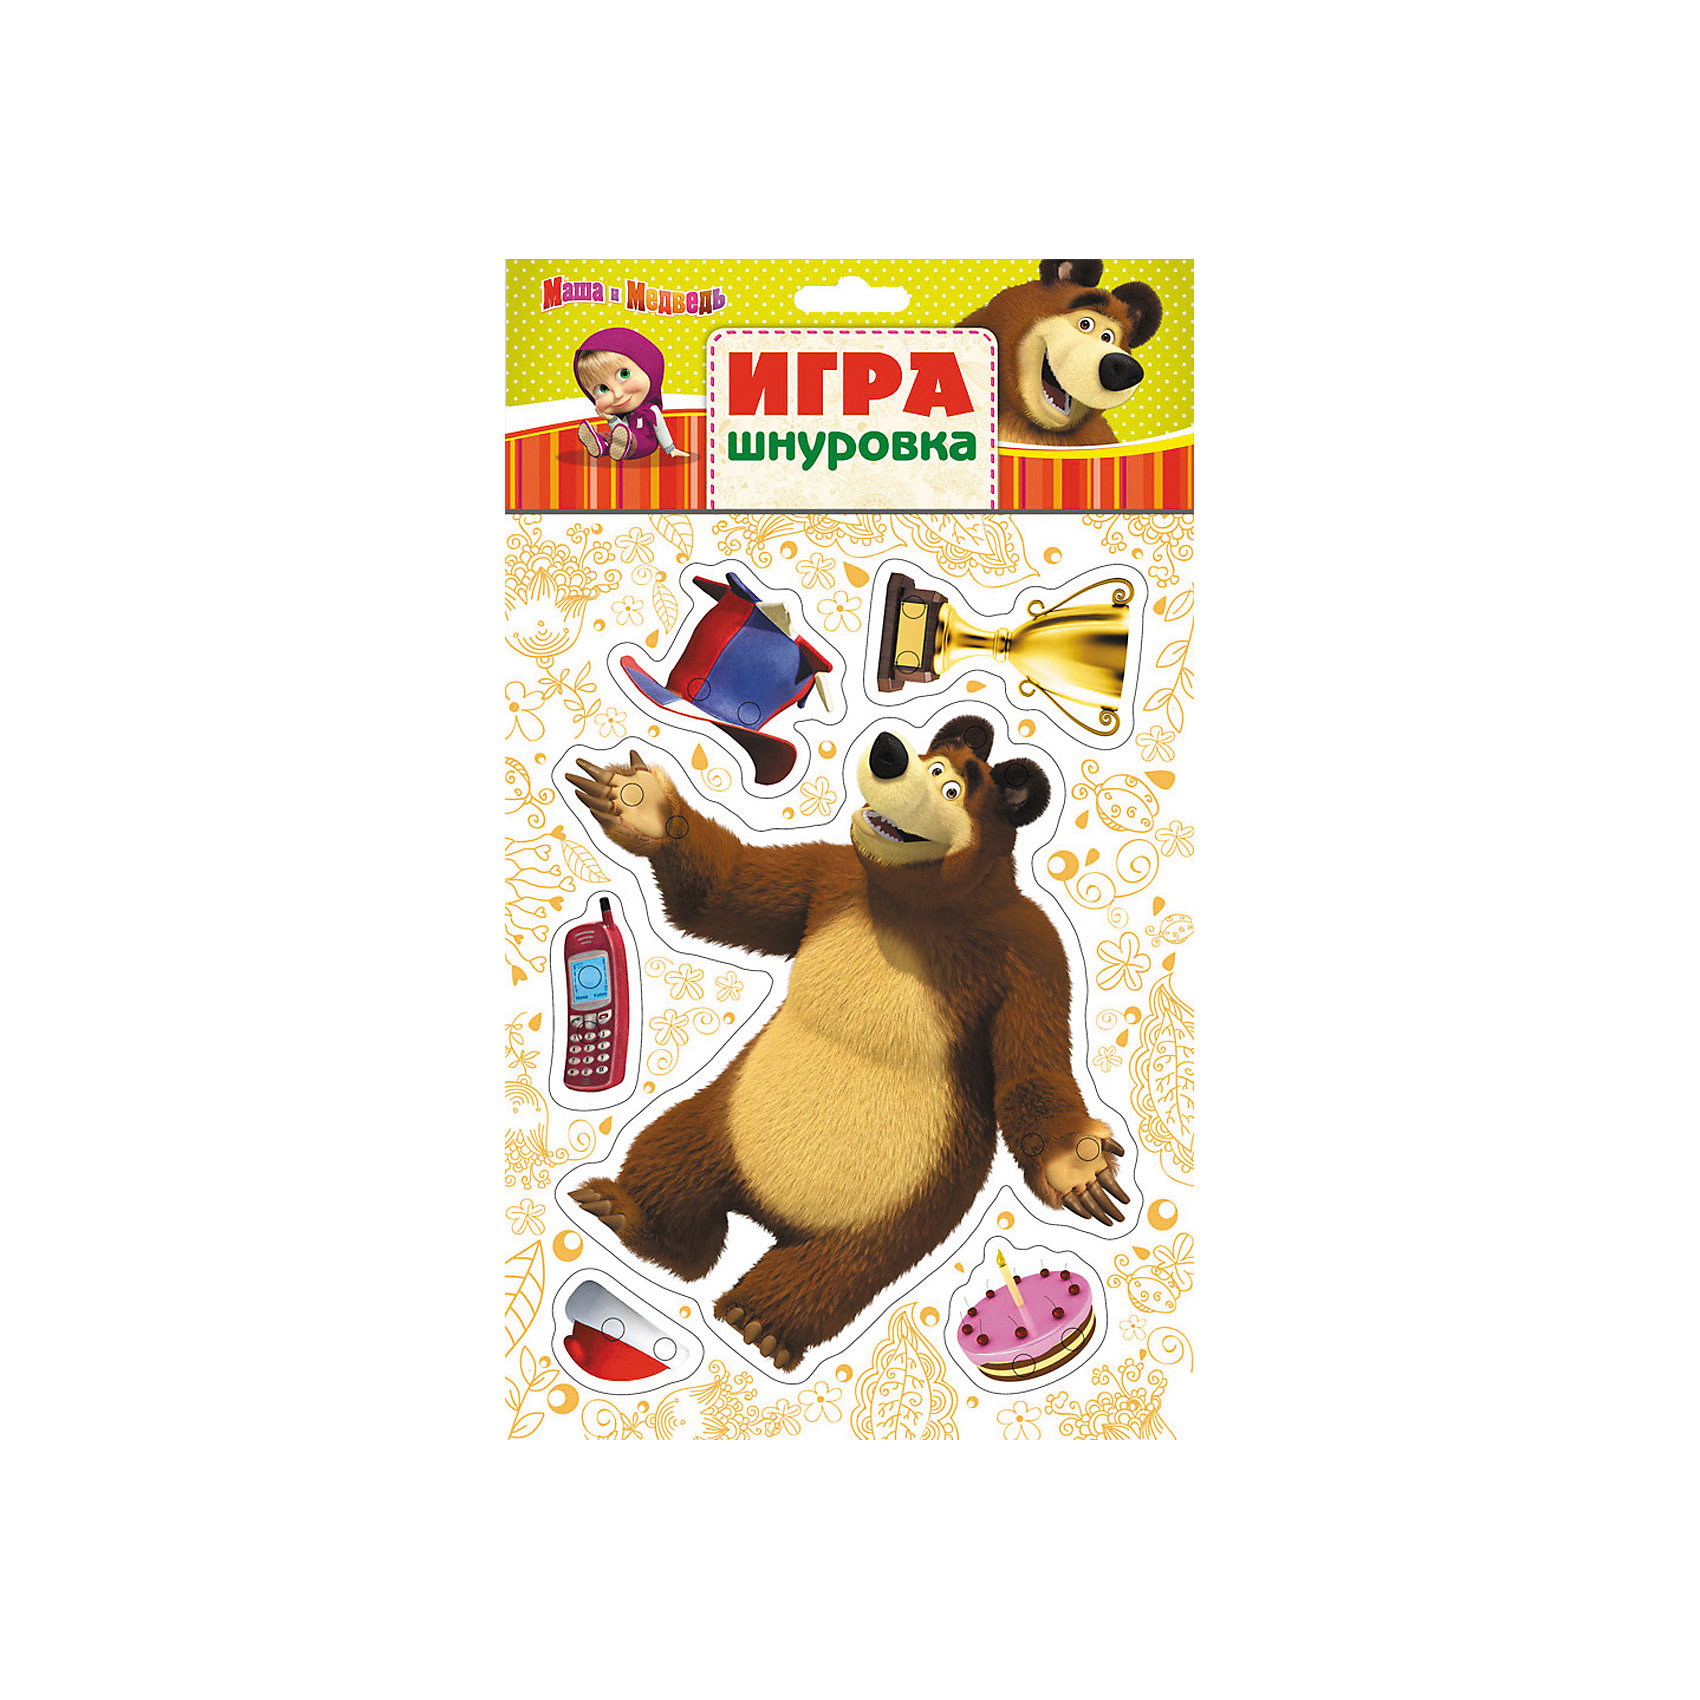 Шнуровка Миша, Маша и МедведьХарактеристики товара:<br><br>- цвет: разноцветный;<br>- материал: картон;<br>- количество страниц: 1;<br>- формат: 29,0 x 17,0 см;<br>- возраст: 3+.<br><br>Развивающие игры и книги – неотъемлемая часть здорового детства малыша. Улучшить мелкую моторику помогают занятия с мелкими деталями. Игра – шнуровка – безусловный лидер в данной области. На плотном картоне есть отверстия, сквозь которые нужно продет шнурок и создать свою неповторимую модель. Главная тема игрушки – герои популярного детского мультфильма. Все материалы, использованные при производстве издания, соответствуют всем стандартам качества и безопасности. <br><br>Издание Шнуровка Миша, Маша и Медведь от компании Росмэн можно приобрести в нашем интернет-магазине.<br><br>Ширина мм: 285<br>Глубина мм: 170<br>Высота мм: 2<br>Вес г: 60<br>Возраст от месяцев: 24<br>Возраст до месяцев: 36<br>Пол: Унисекс<br>Возраст: Детский<br>SKU: 3434606